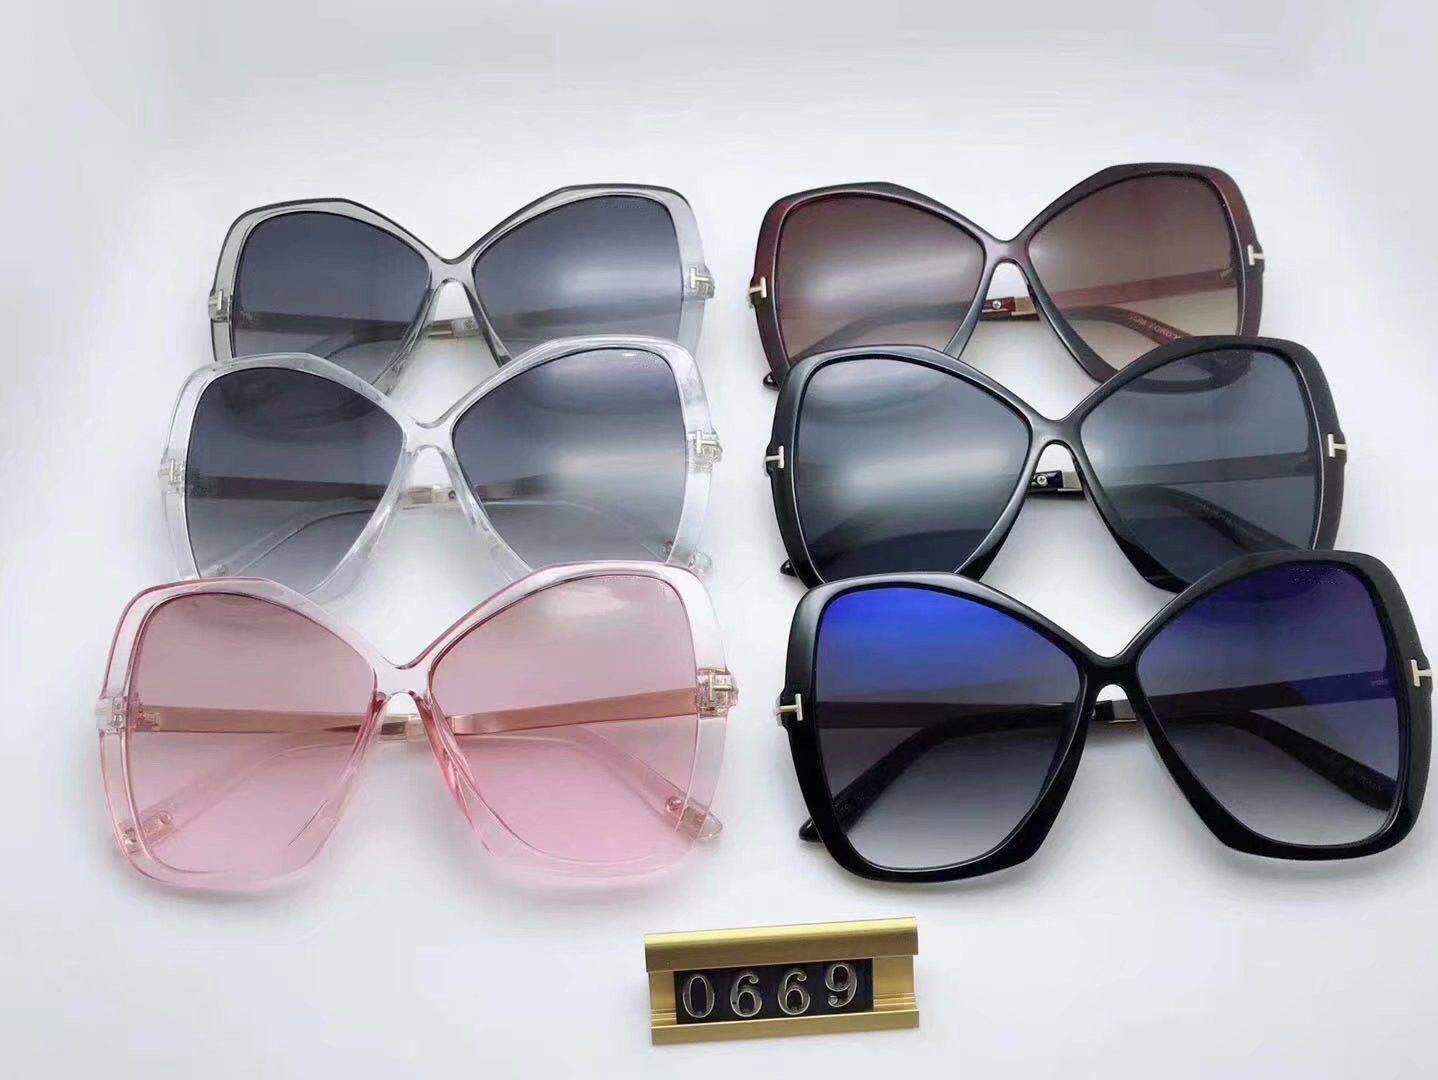 2020 luxe Top qualité New Mode féminine 0669 Lunettes de soleil pour homme femme Erika Lunettes Ford Designer Marque Lunettes de soleil avec boîte d'origine